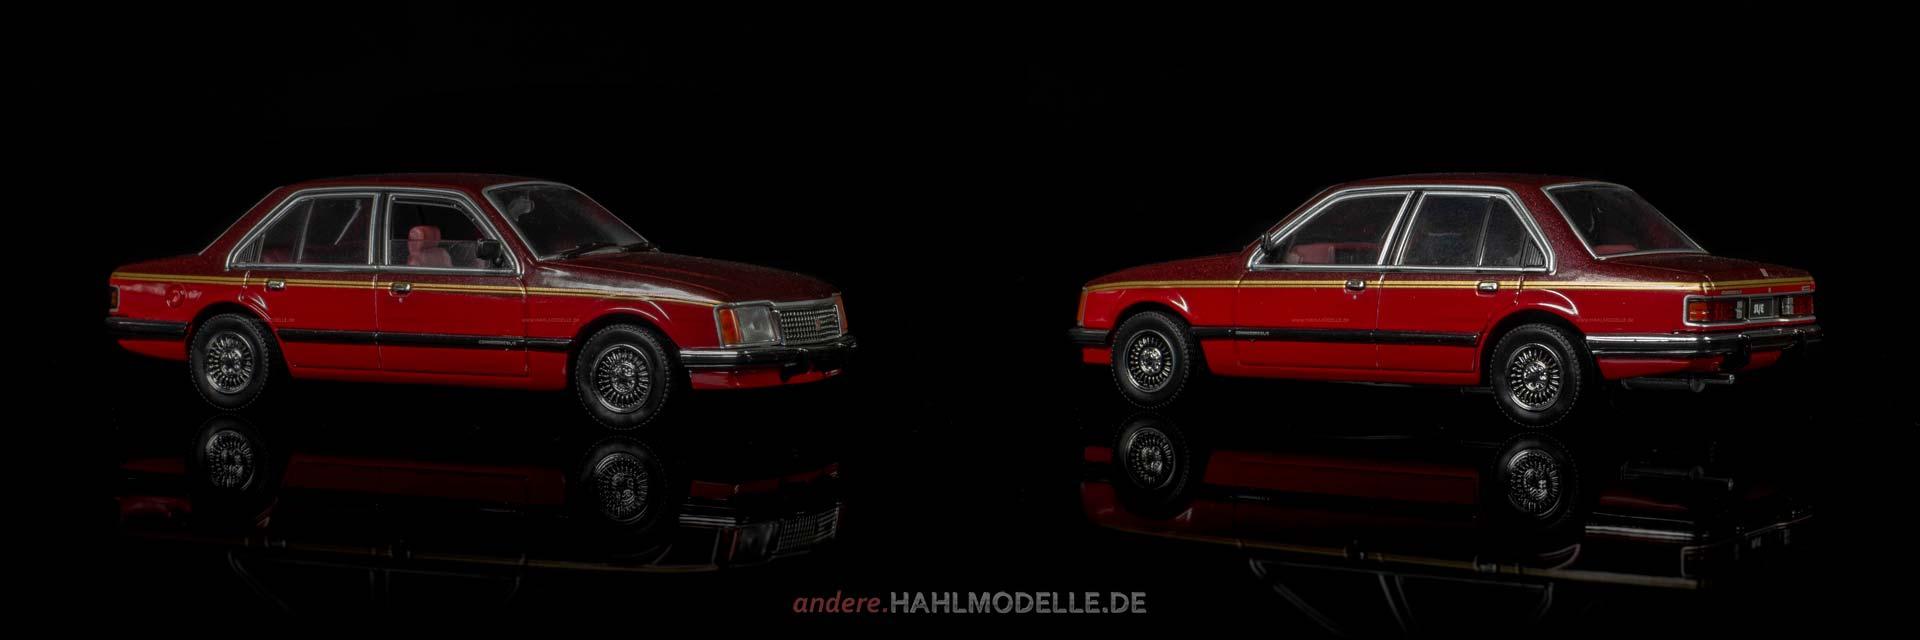 Holden Commodore VC SL/E | Limousine | Trax-Models | 1:43 | www.andere.hahlmodelle.de